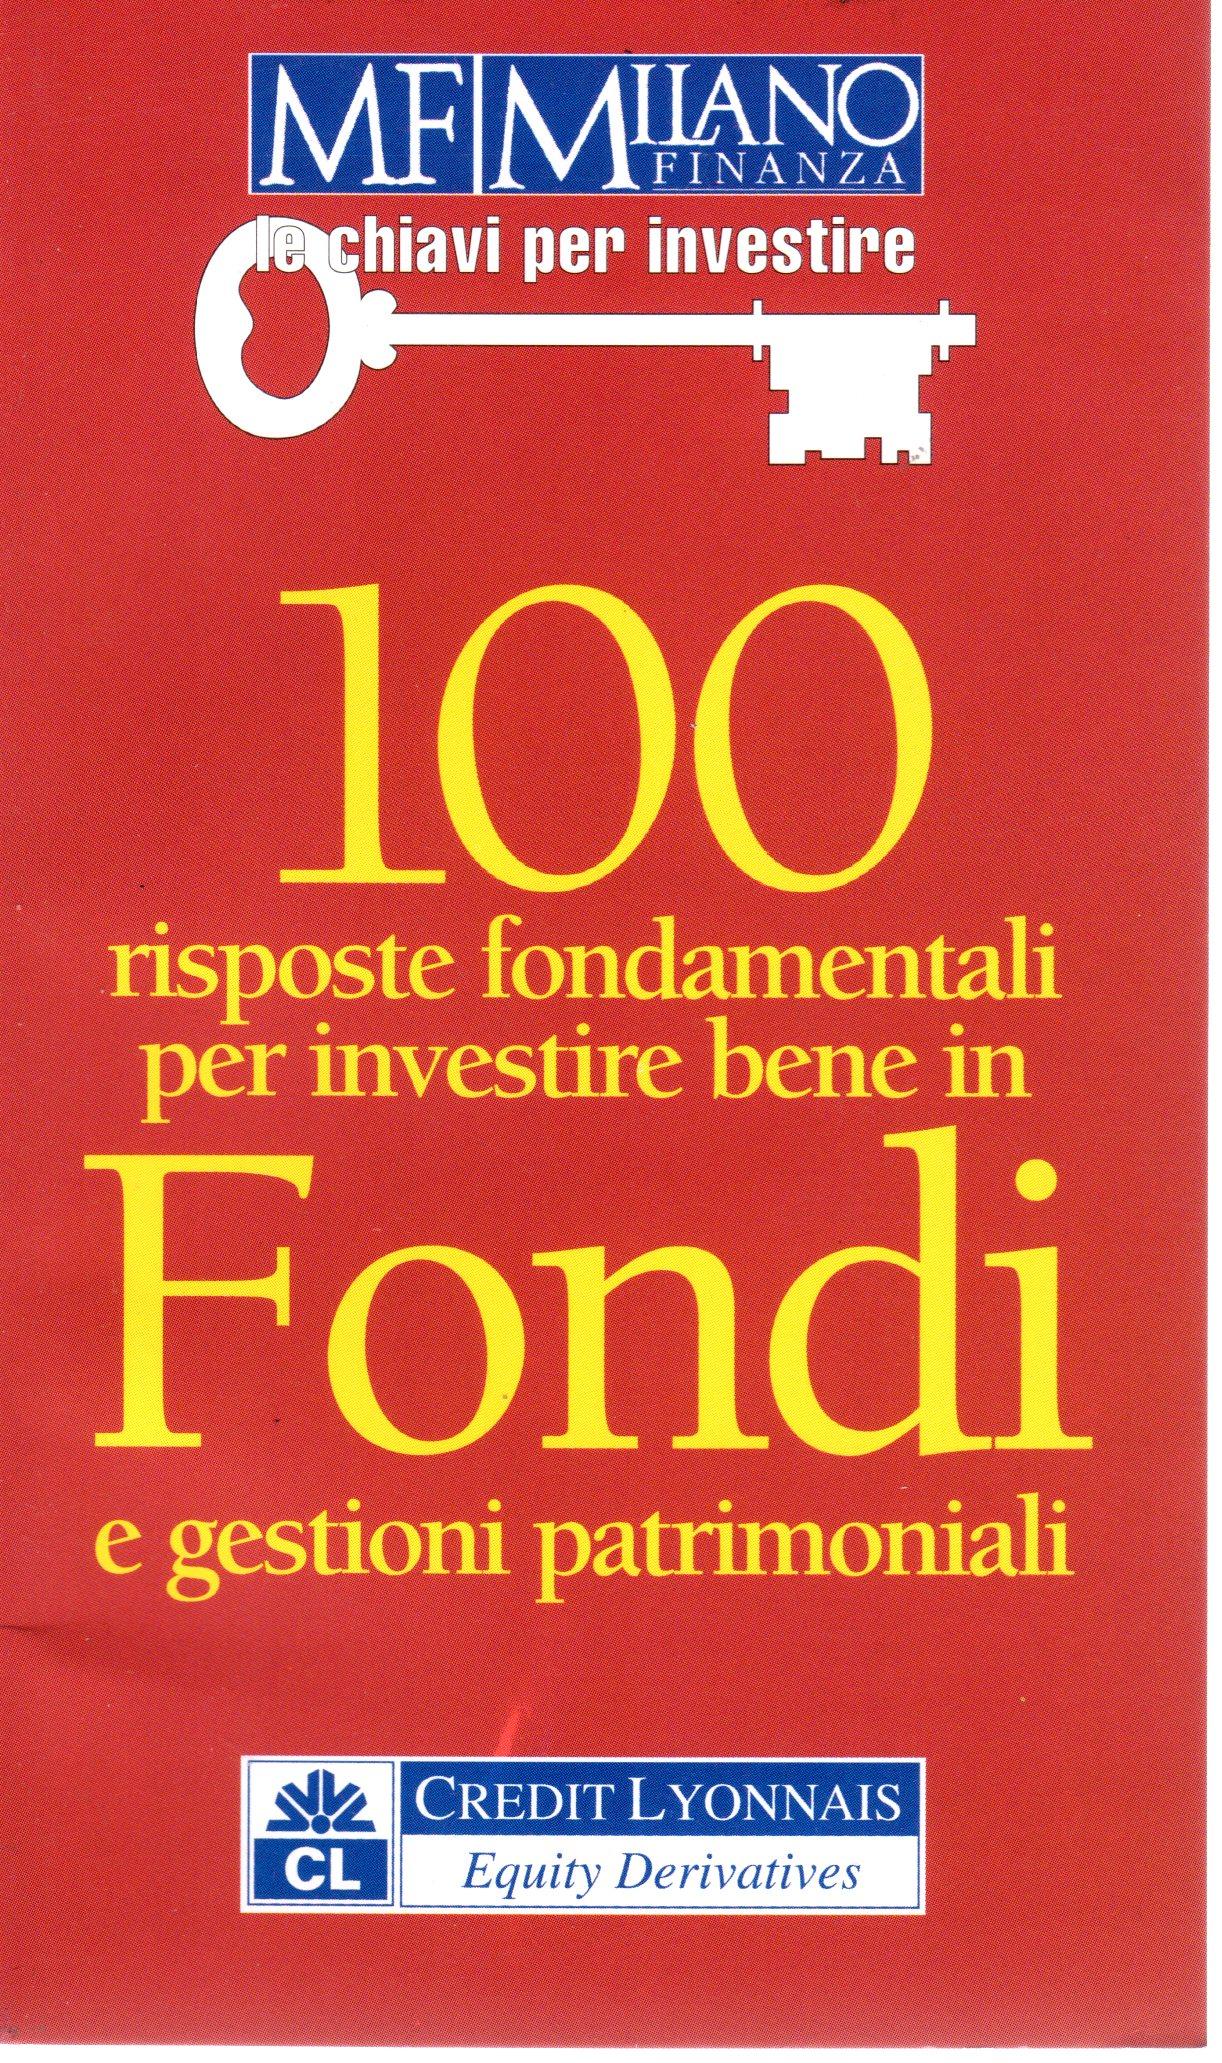 100 risposte fondamentali per investire bene in fondi e gestioni patrimoniali